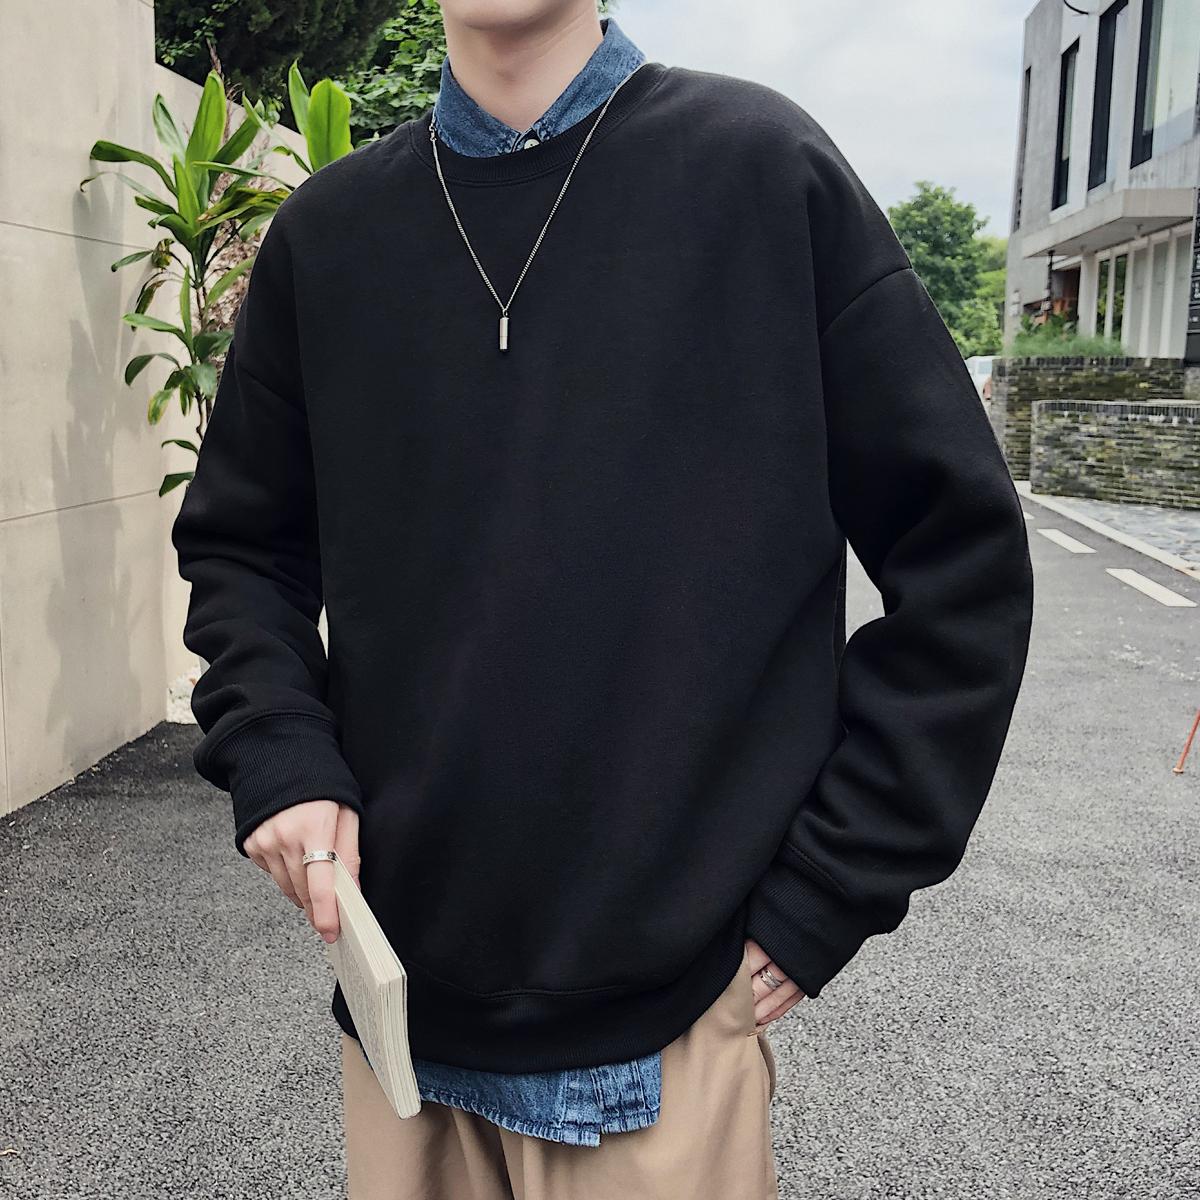 秋季港风情侣潮男韩版宽松纯色圆领卫衣外套长袖T恤W8001CP45控59